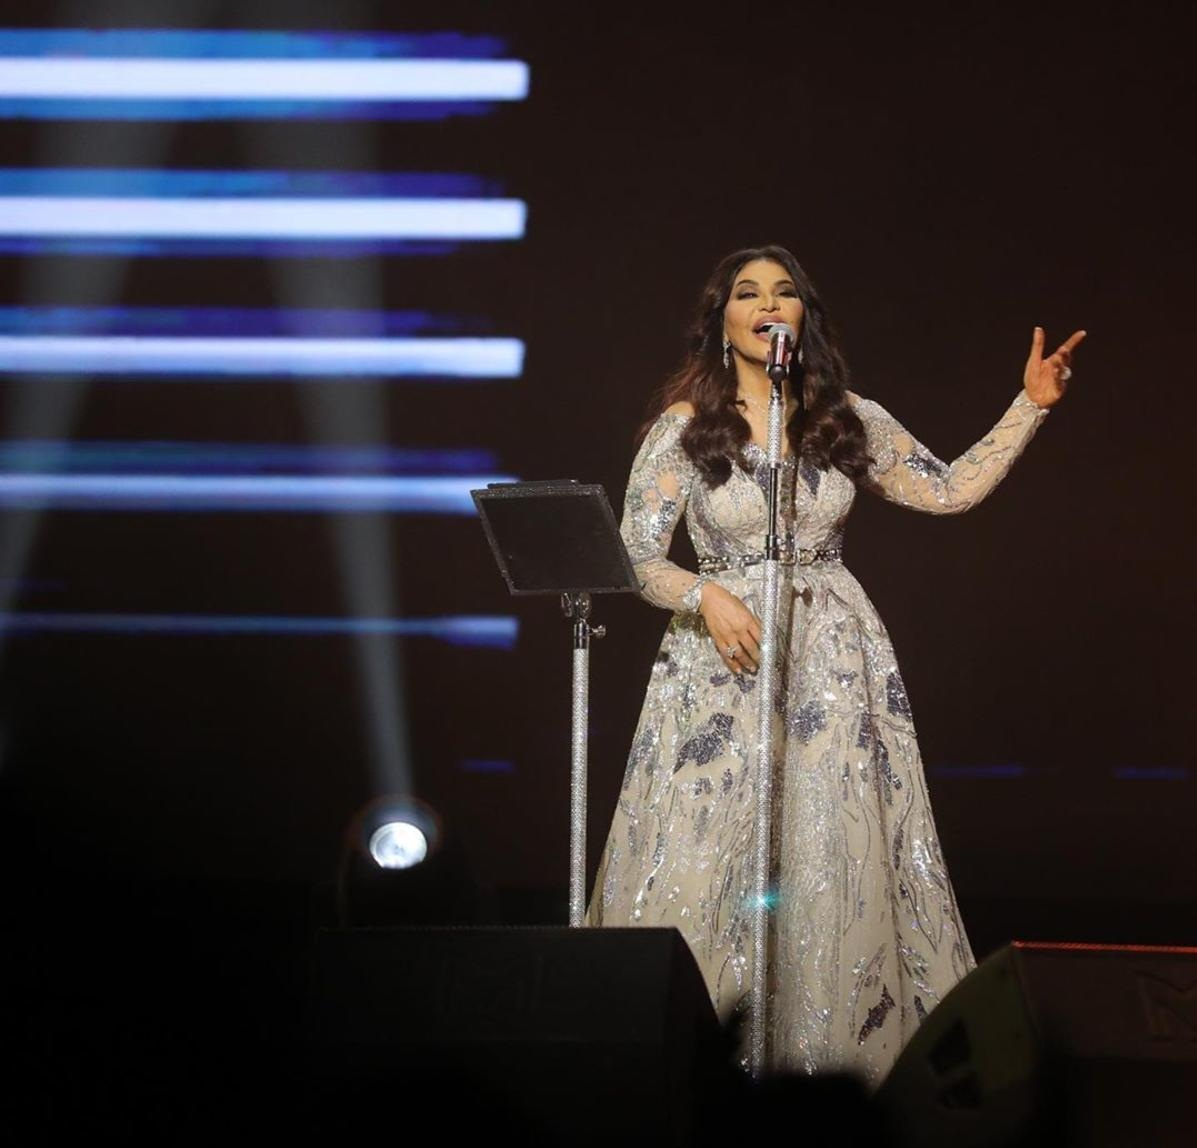 حمل فستان أحلام توقيع المصمم زهير مراد